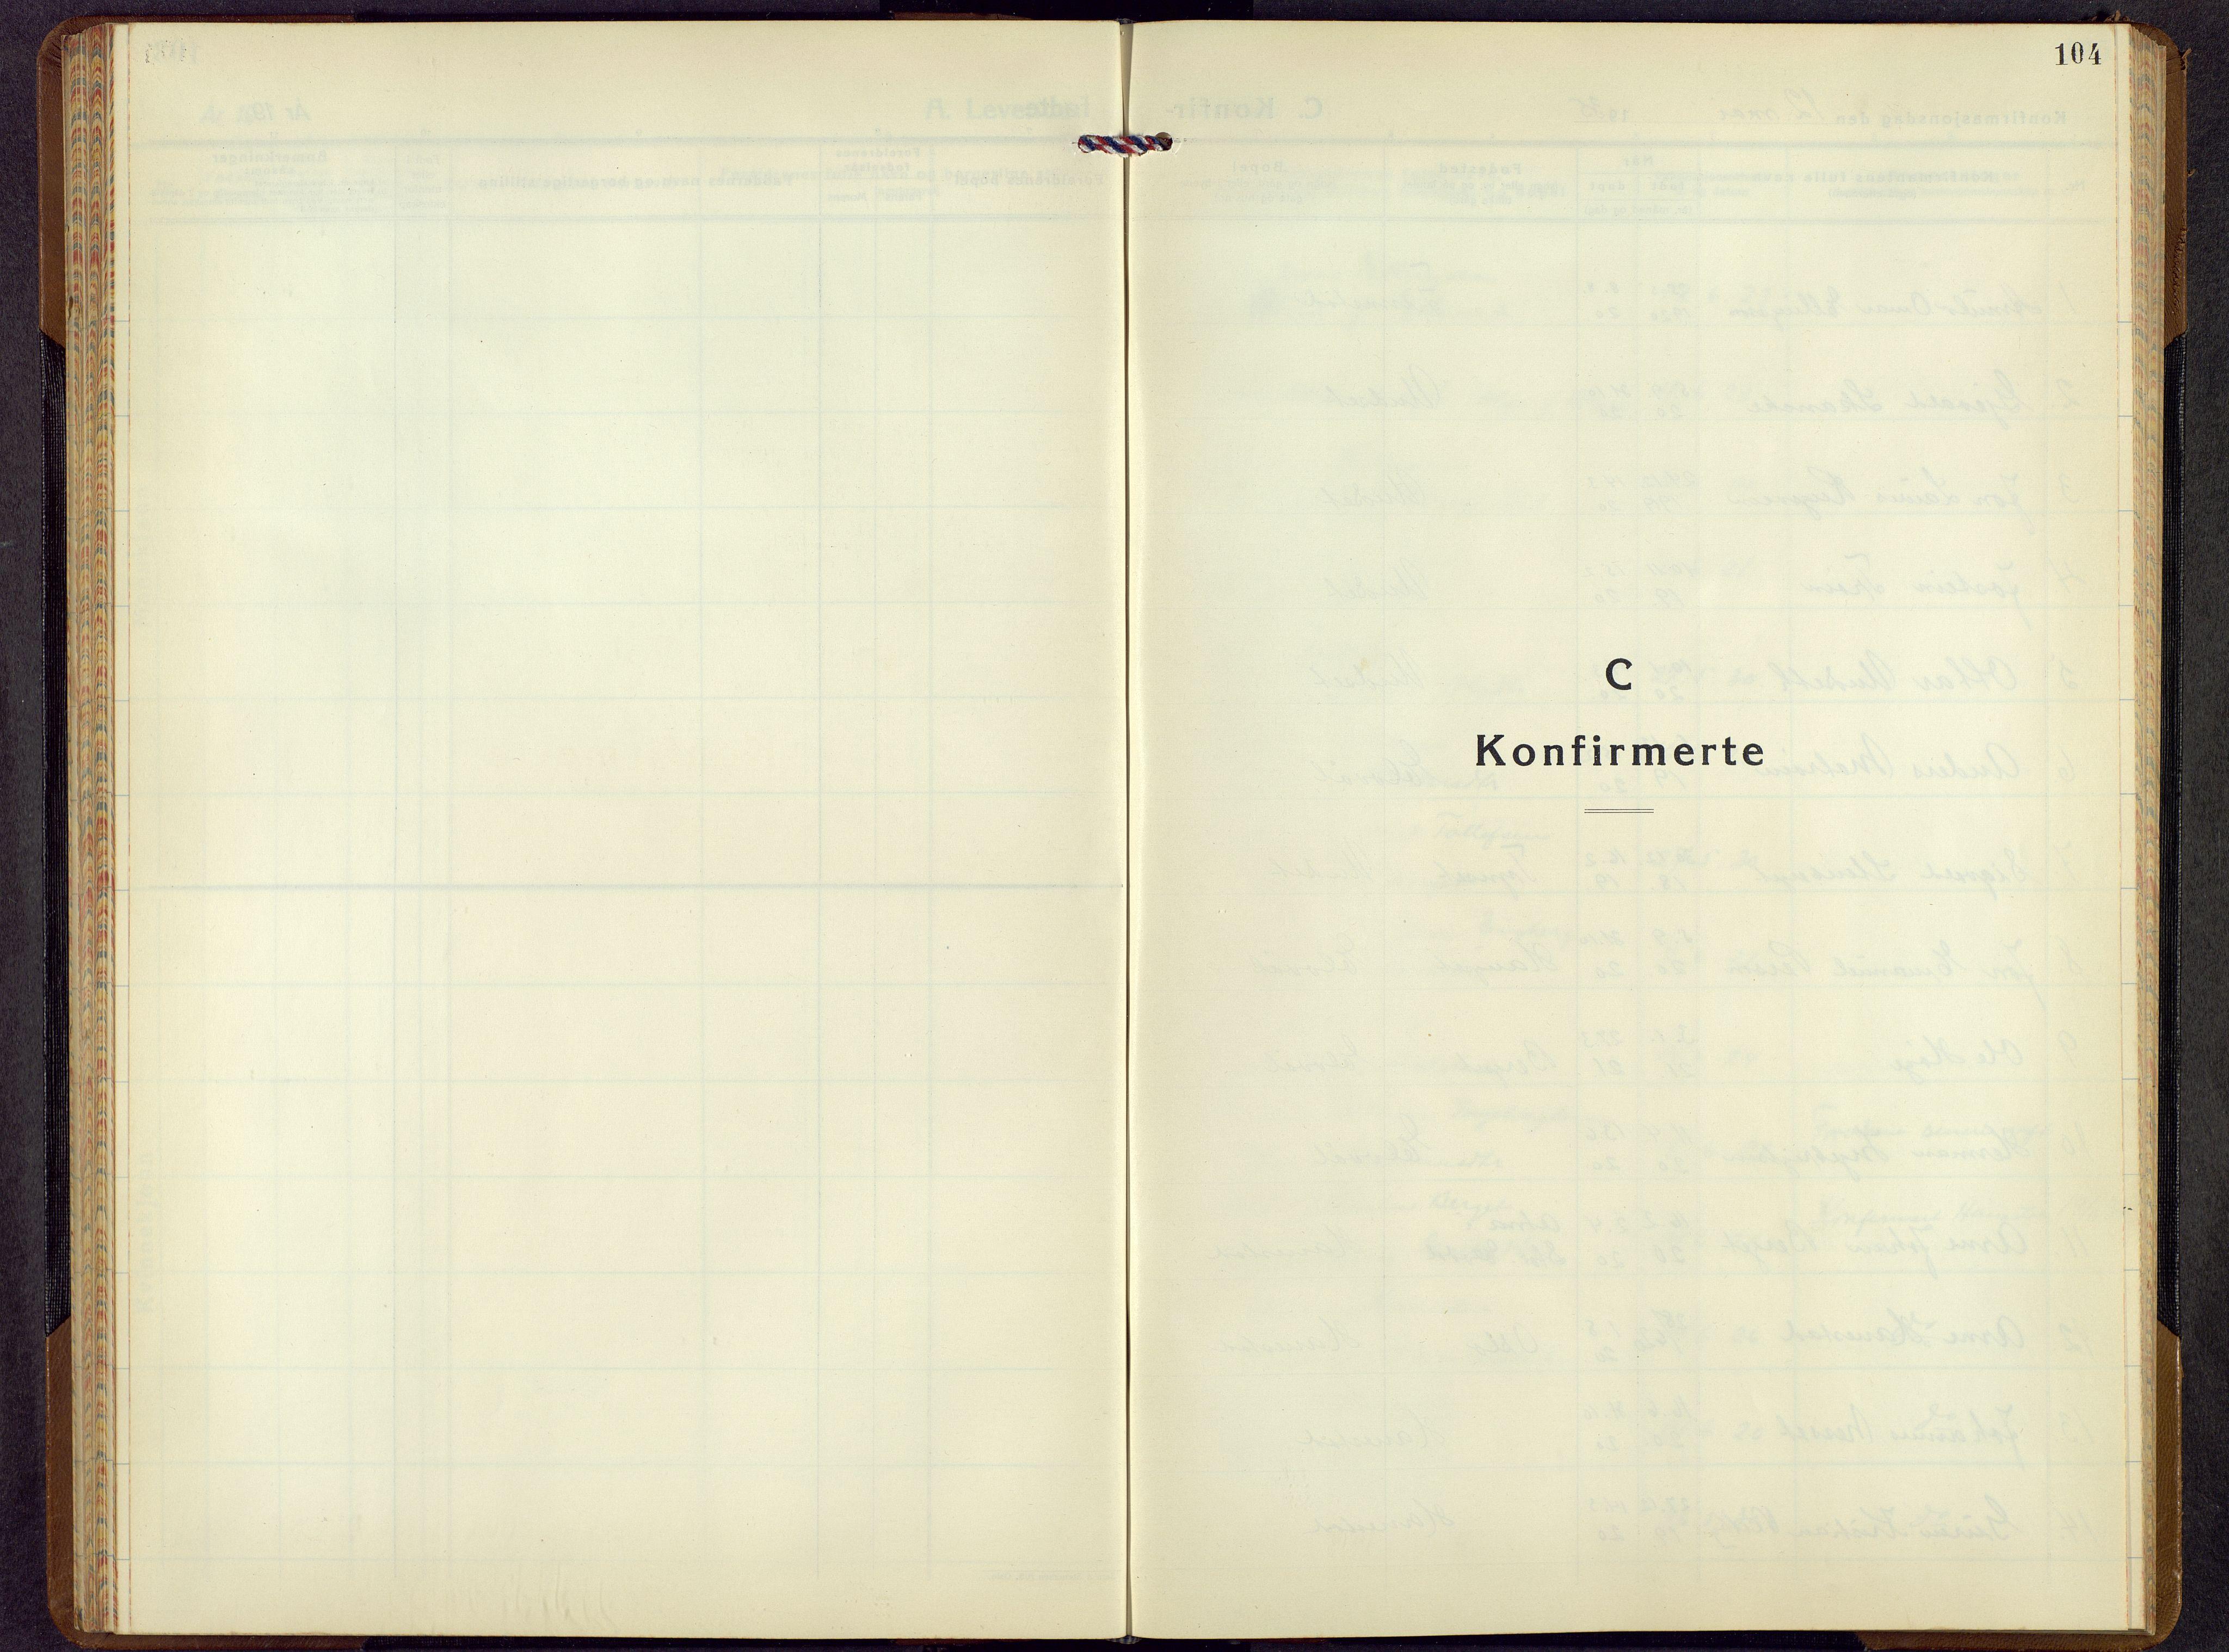 SAH, Rendalen prestekontor, H/Ha/Hab/L0005: Klokkerbok nr. 5, 1931-1959, s. 104